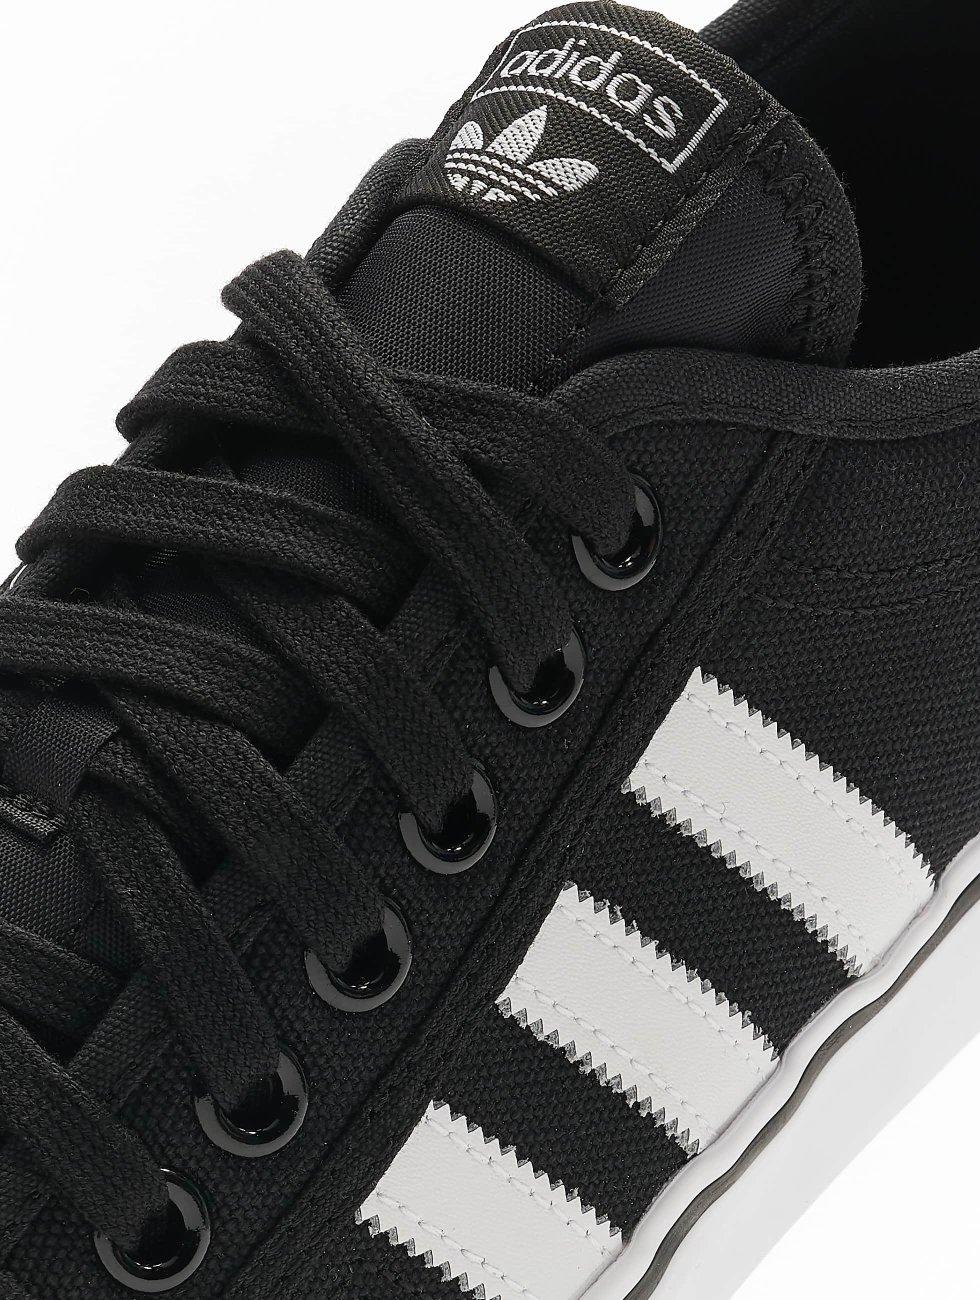 Adidas Originals Scarpa / Sneaker A Nizza Nero 436 308 dKAWKa